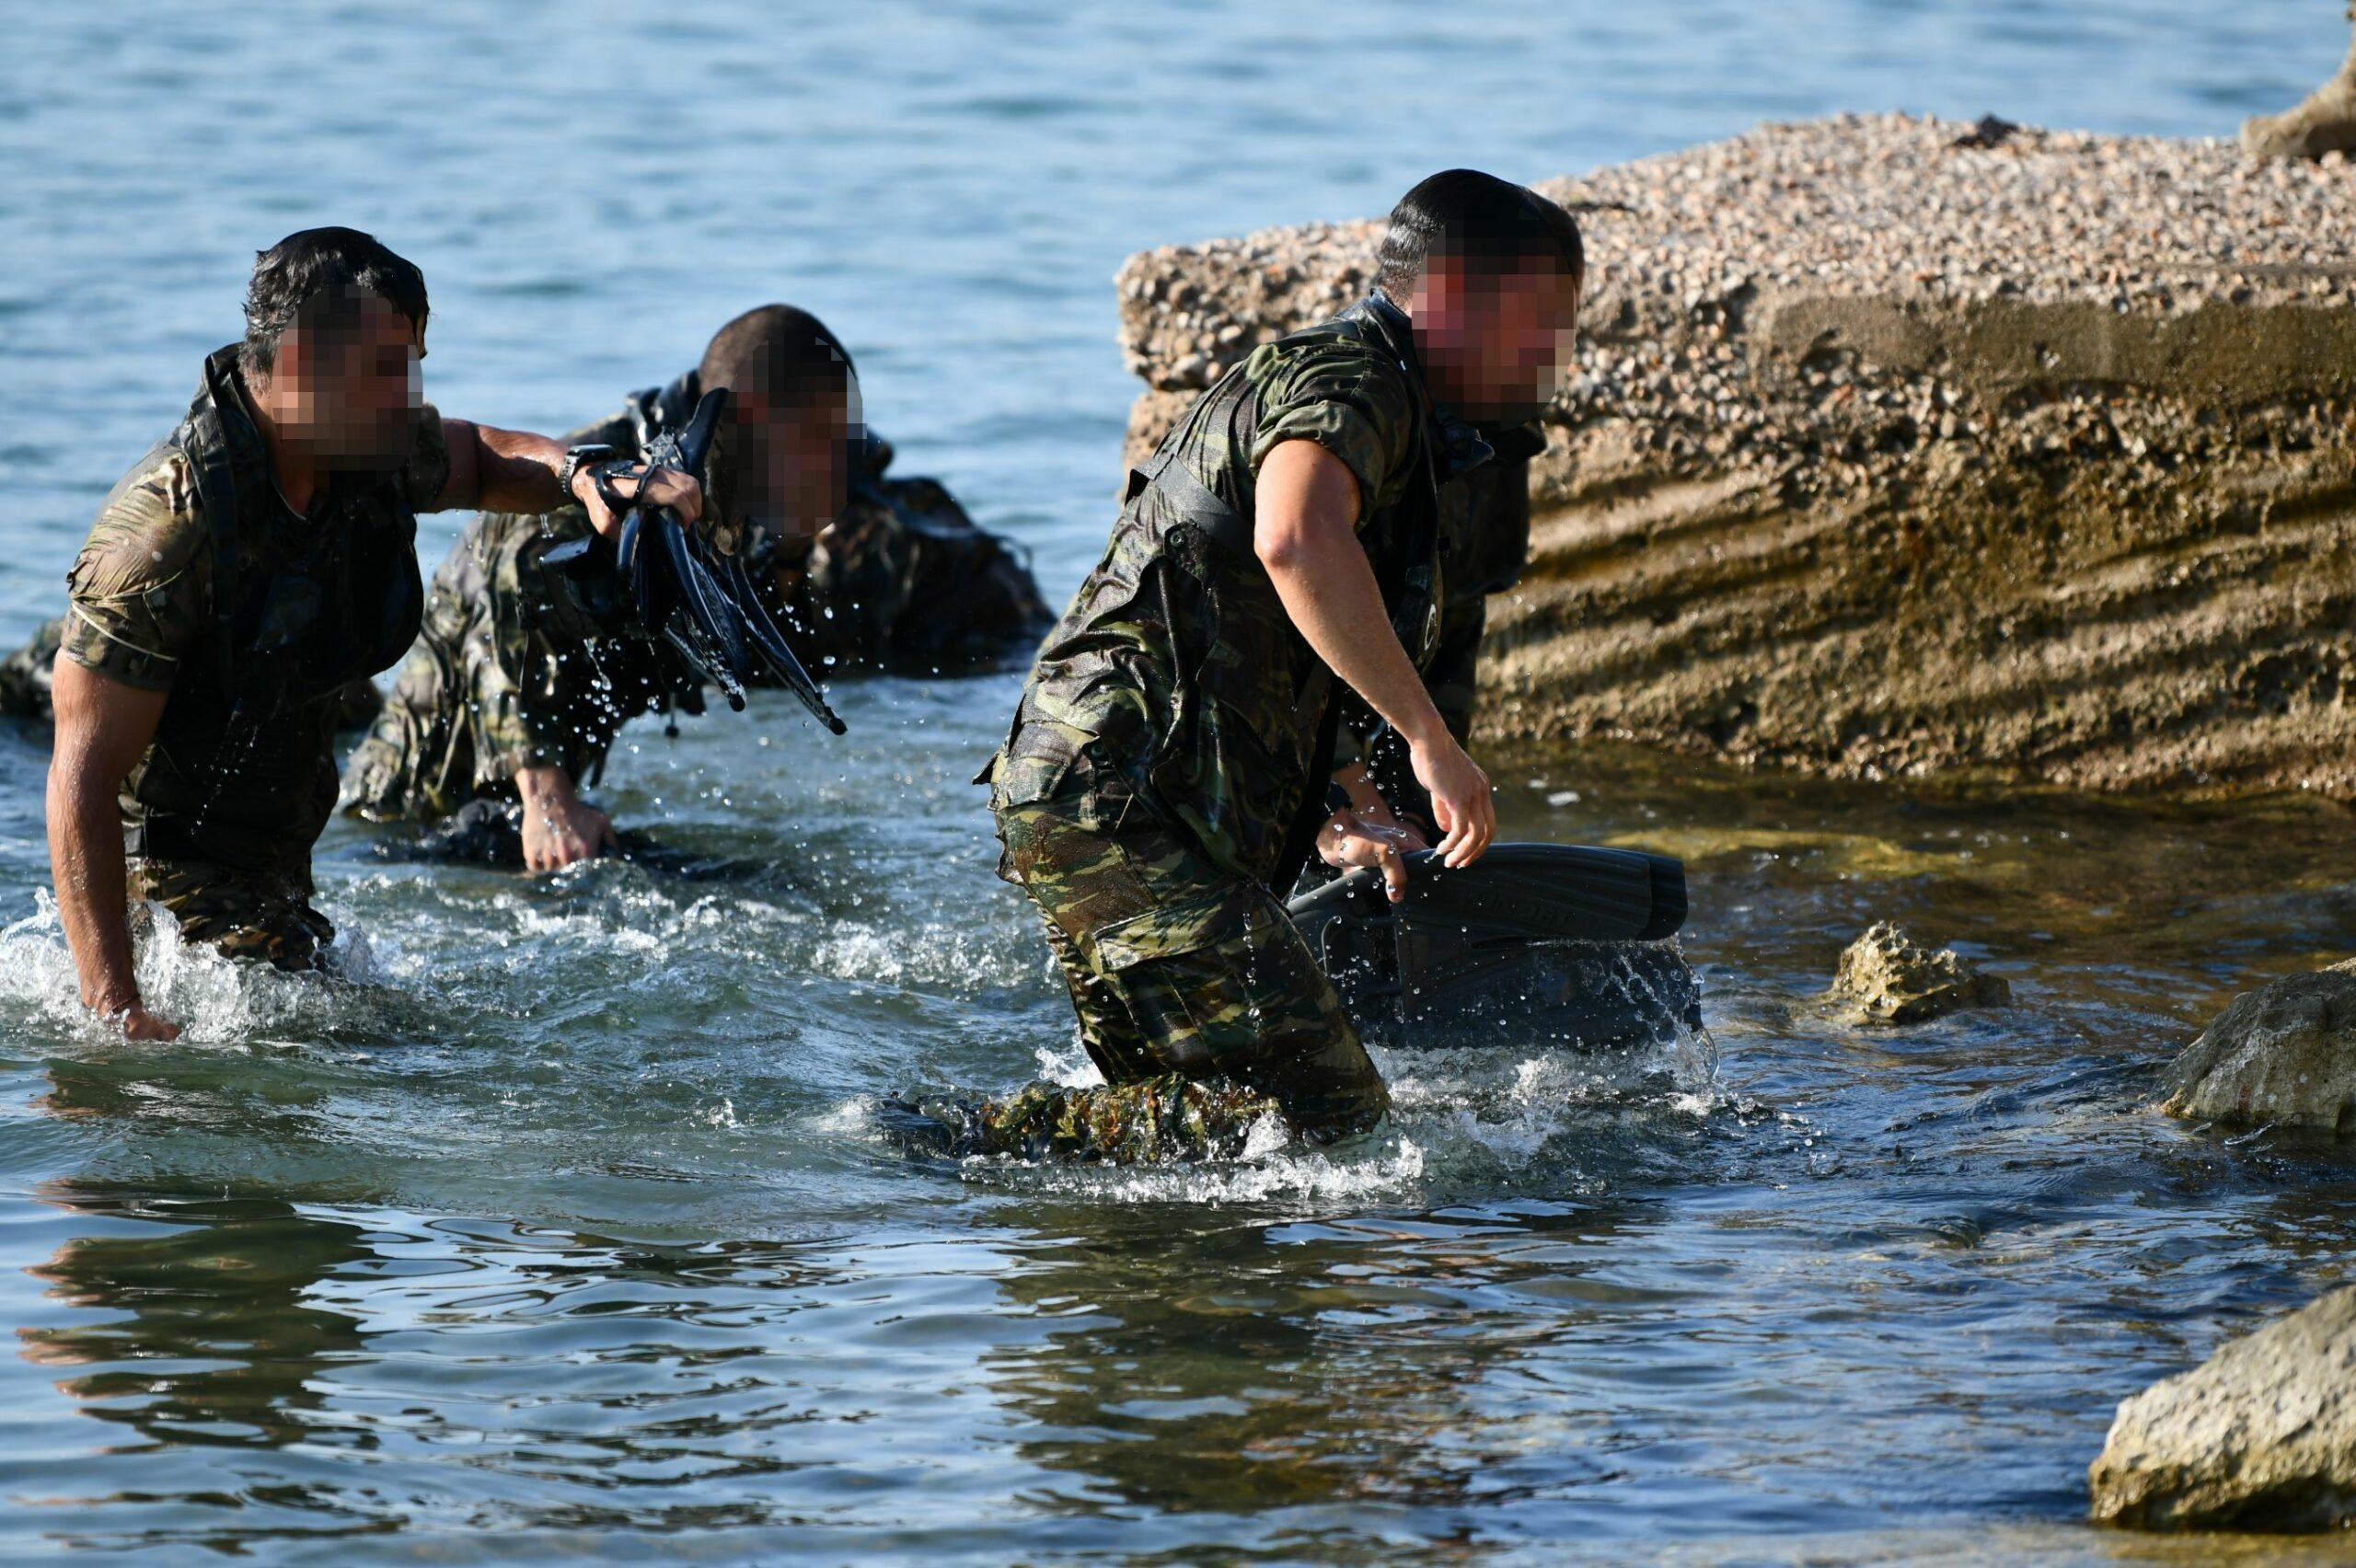 Ένοπλες Δυνάμεις: Οι Έλληνες κομάντο συμμετείχαν σε διακλαδικούς στρατιωτικούς αγώνες! [pics]